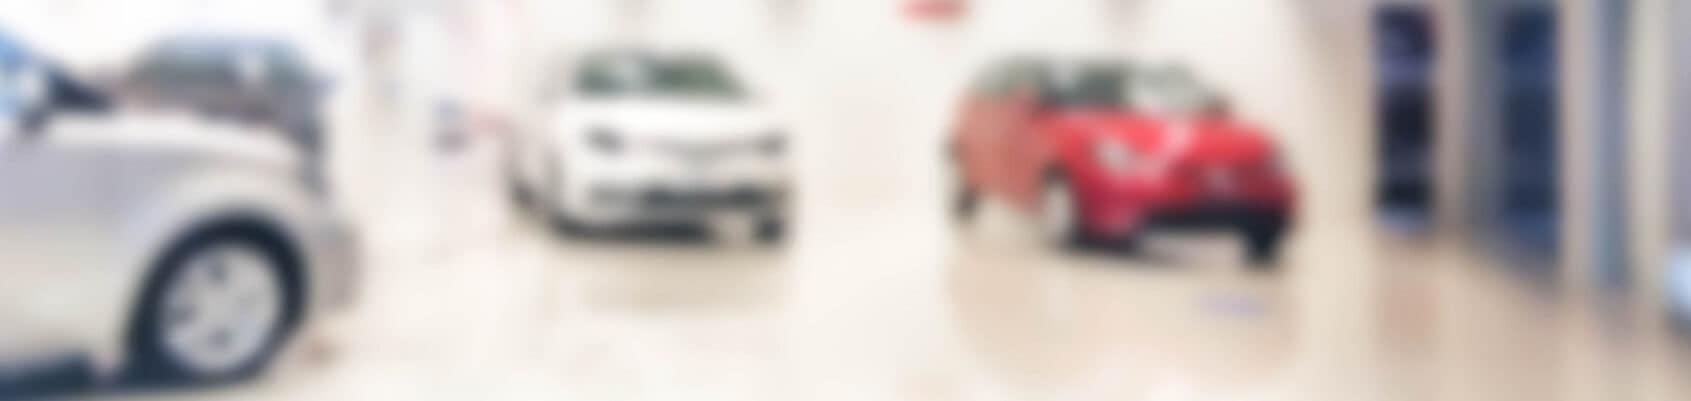 Used Car Dealer Princeton FL